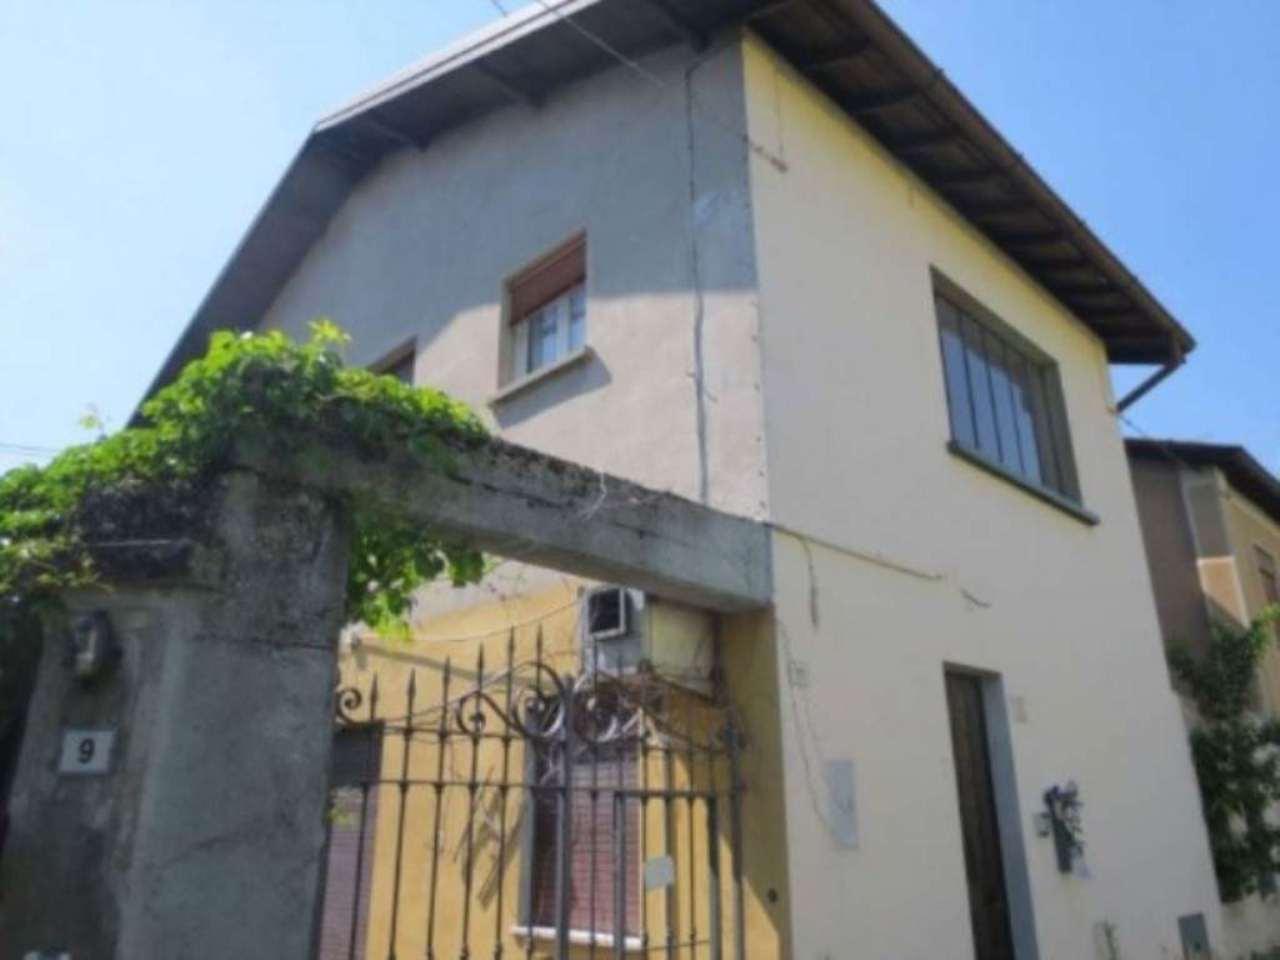 Villa in vendita a Venegono Superiore, 6 locali, prezzo € 160.000 | Cambio Casa.it